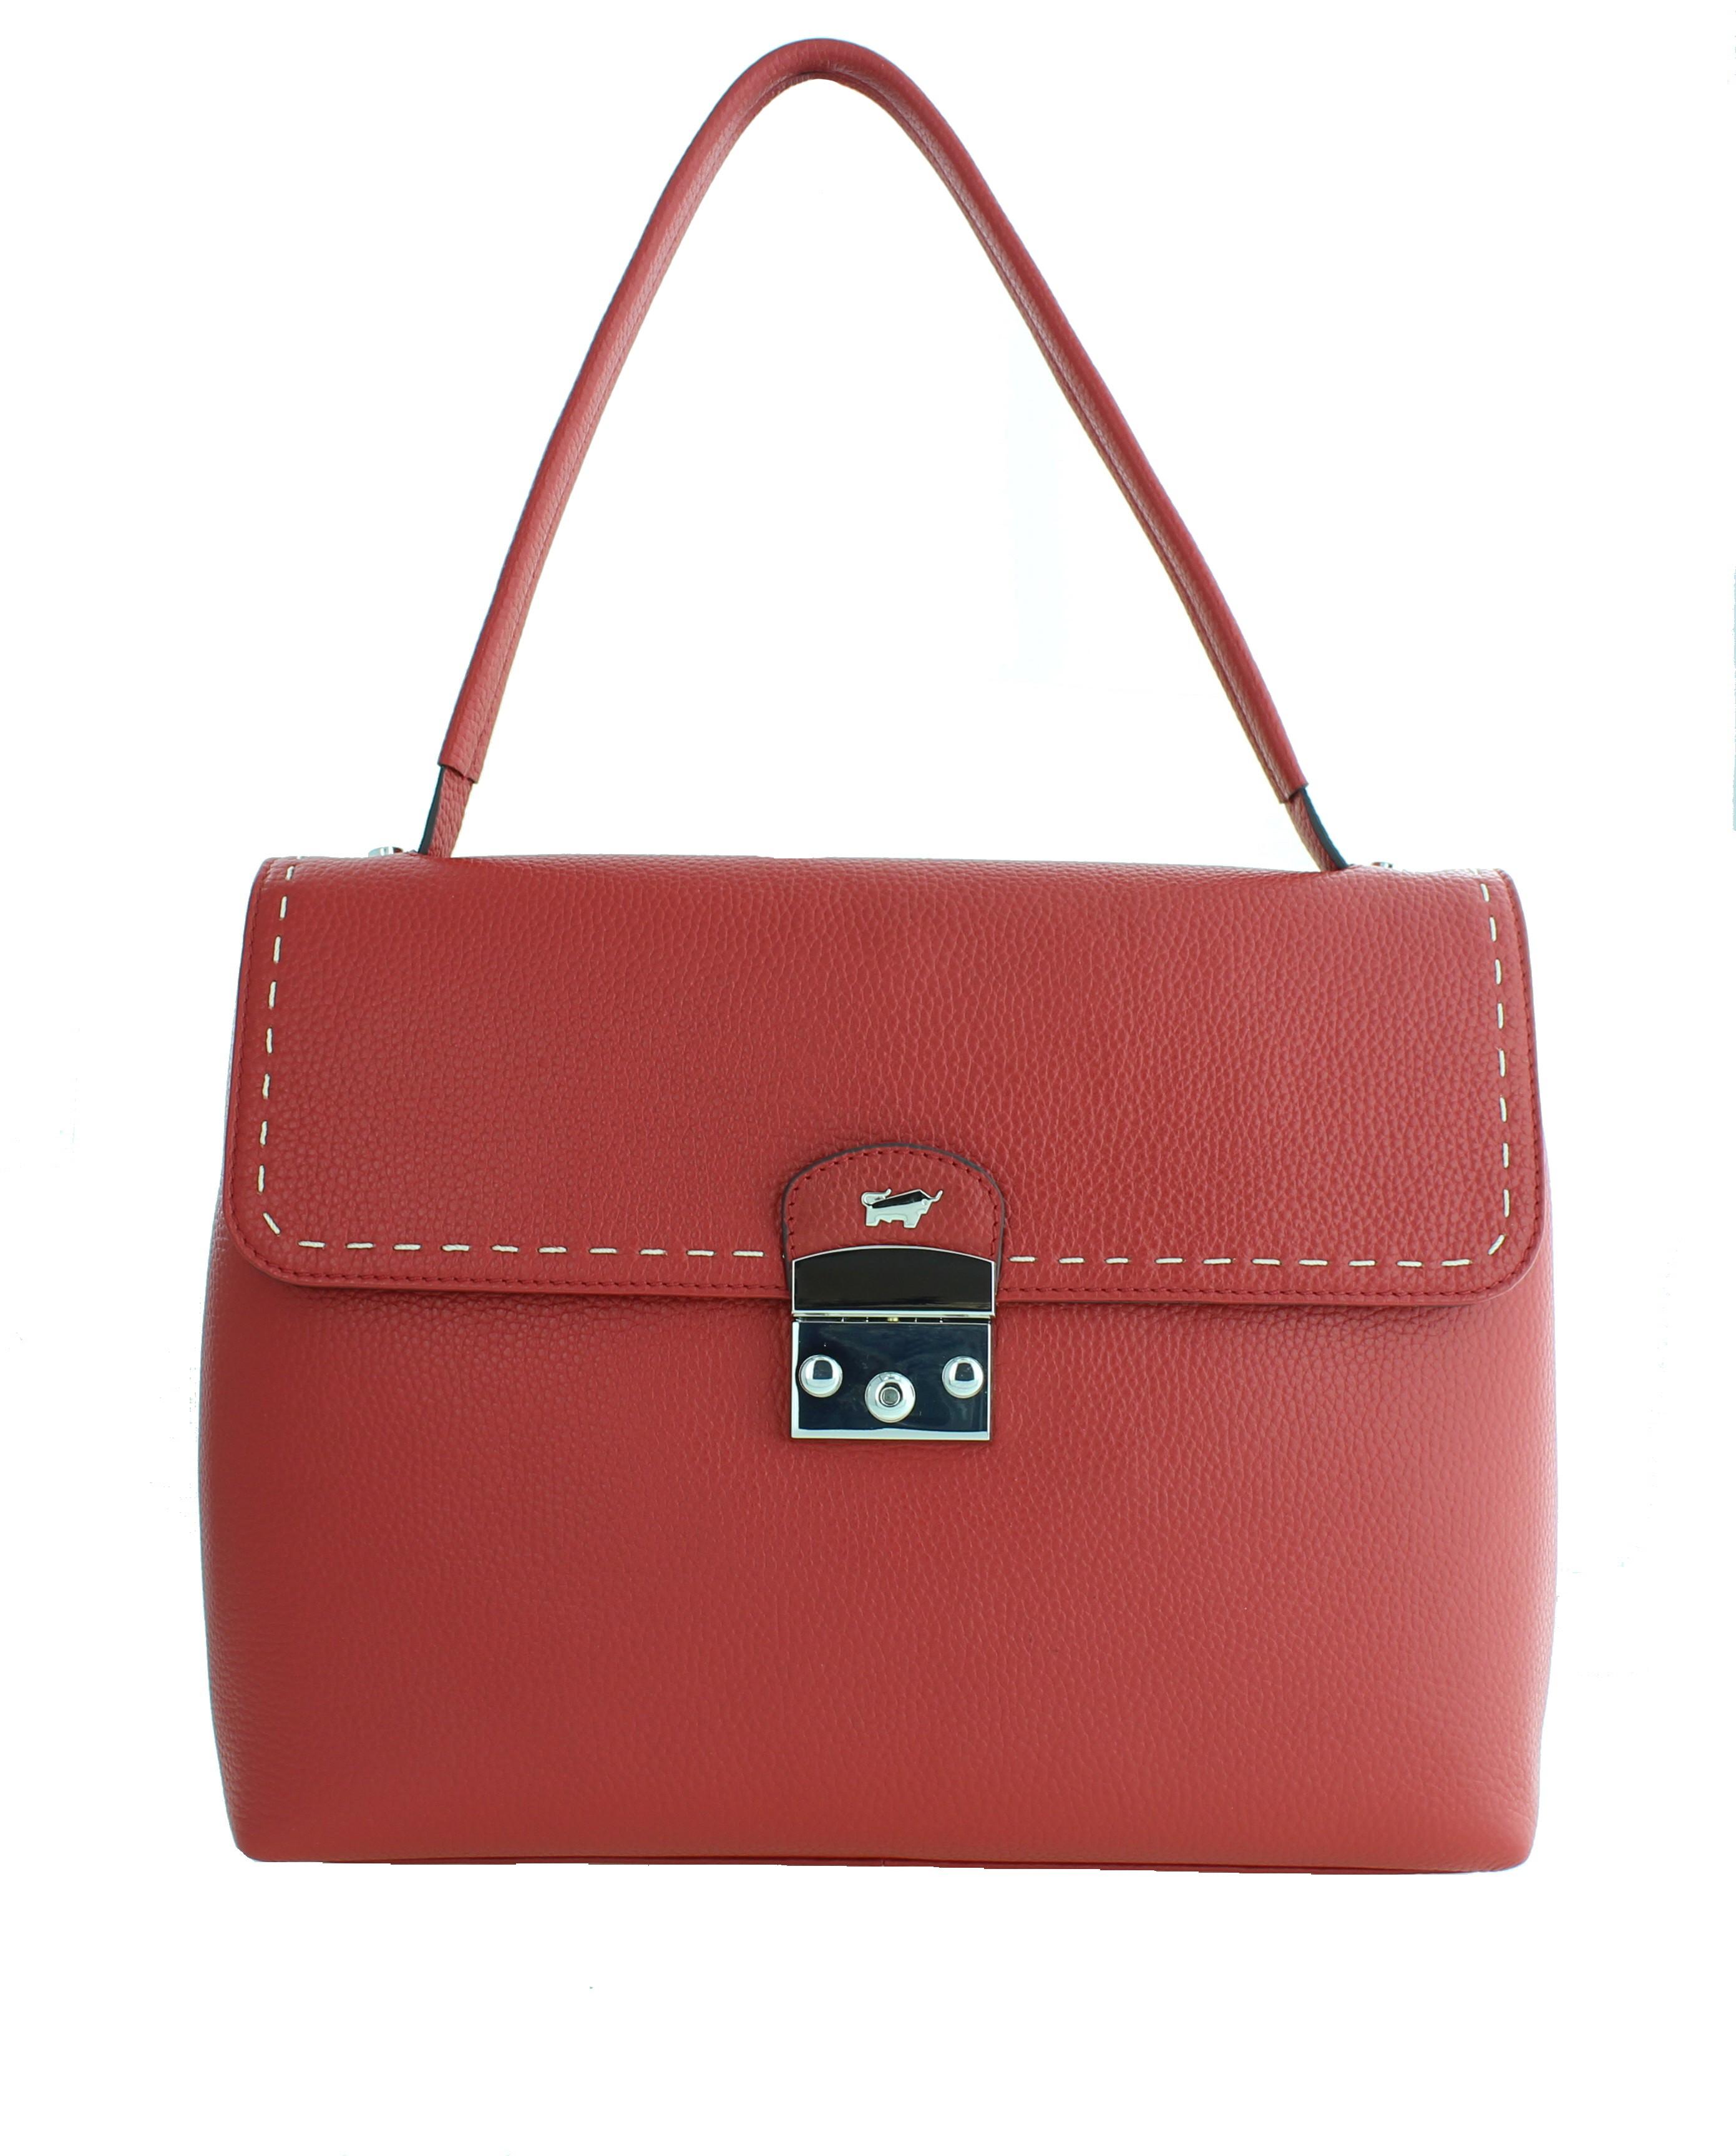 tote-bag-s-vienna-Rindleder-50463-660-33